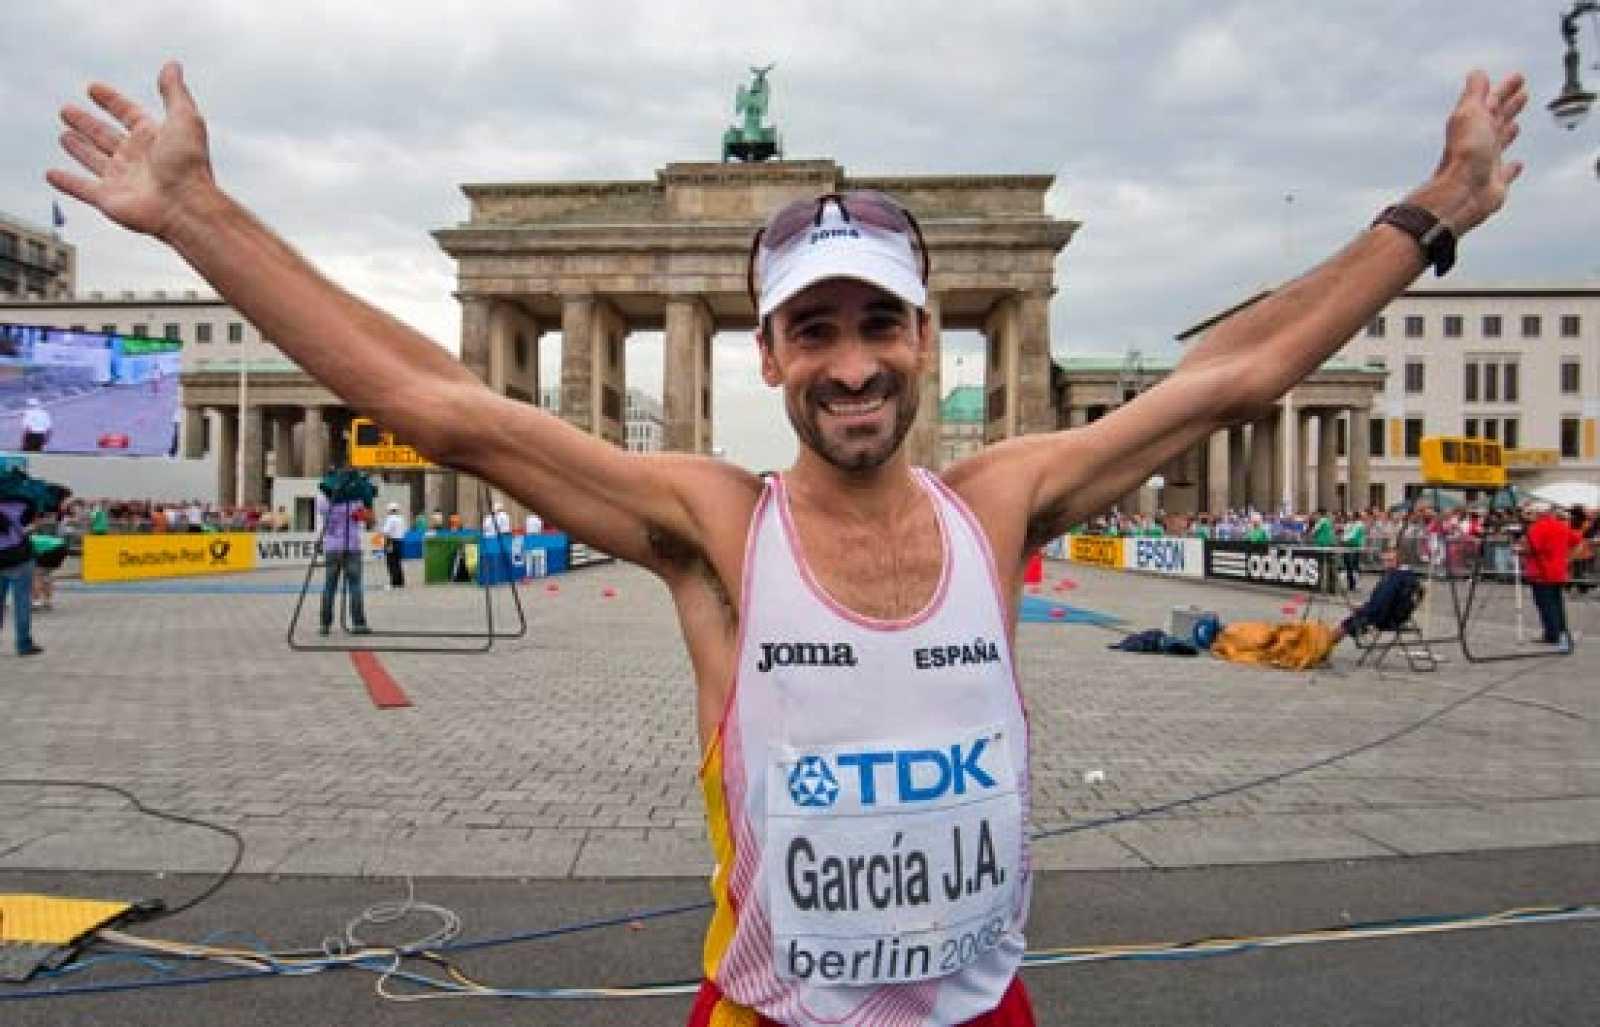 Alemania ha sido el escenario de muchos de sus triunfos deportivos.